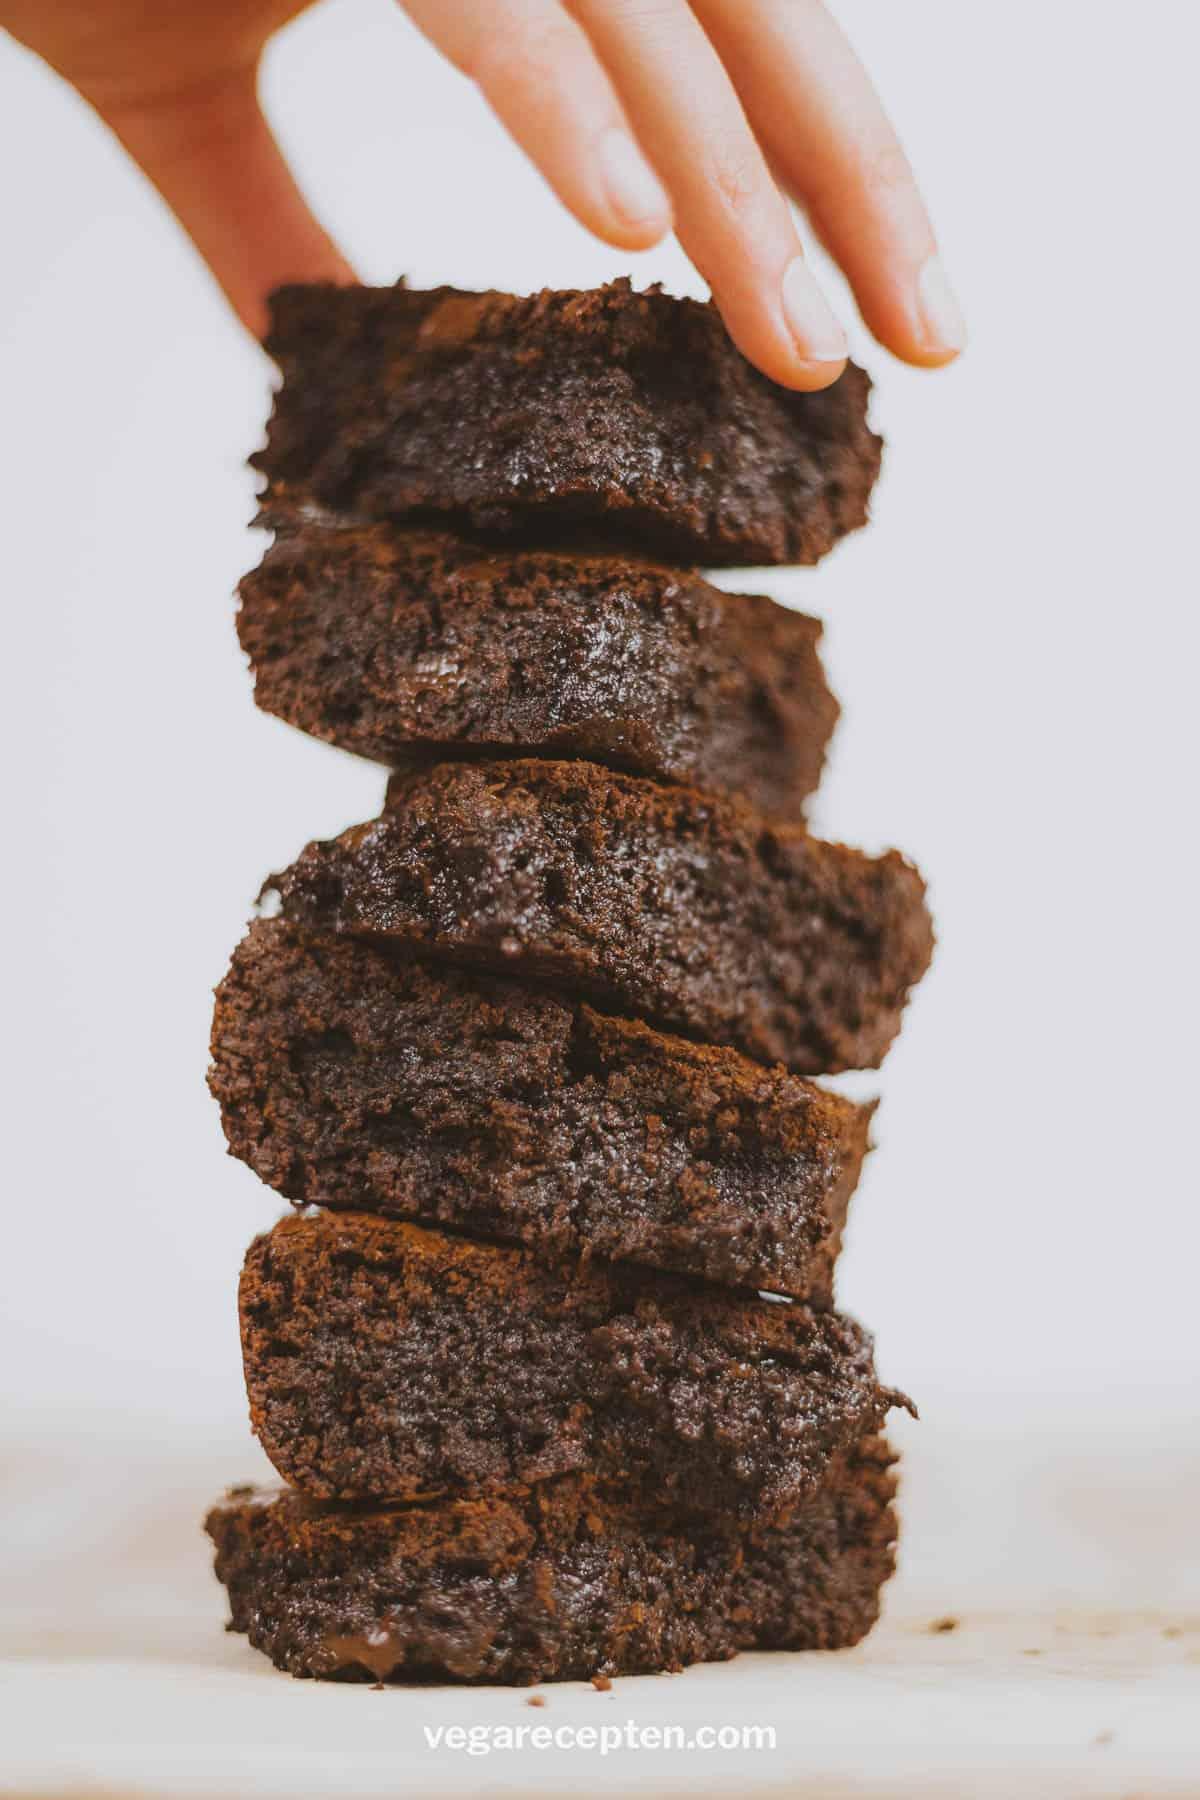 Stapel brownies